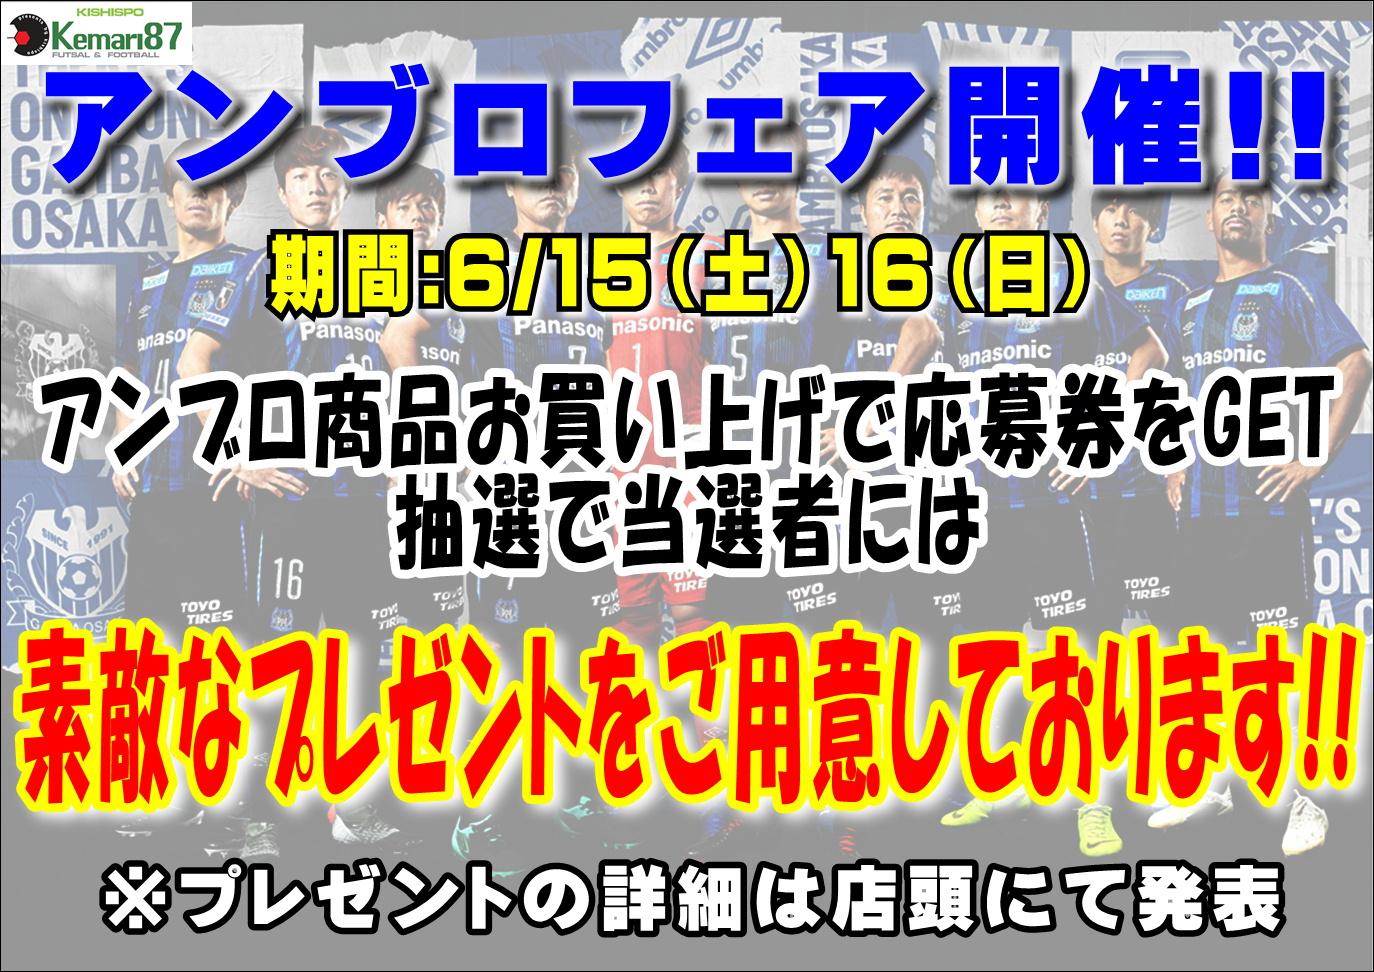 【 アンブロフェア開催!! 】